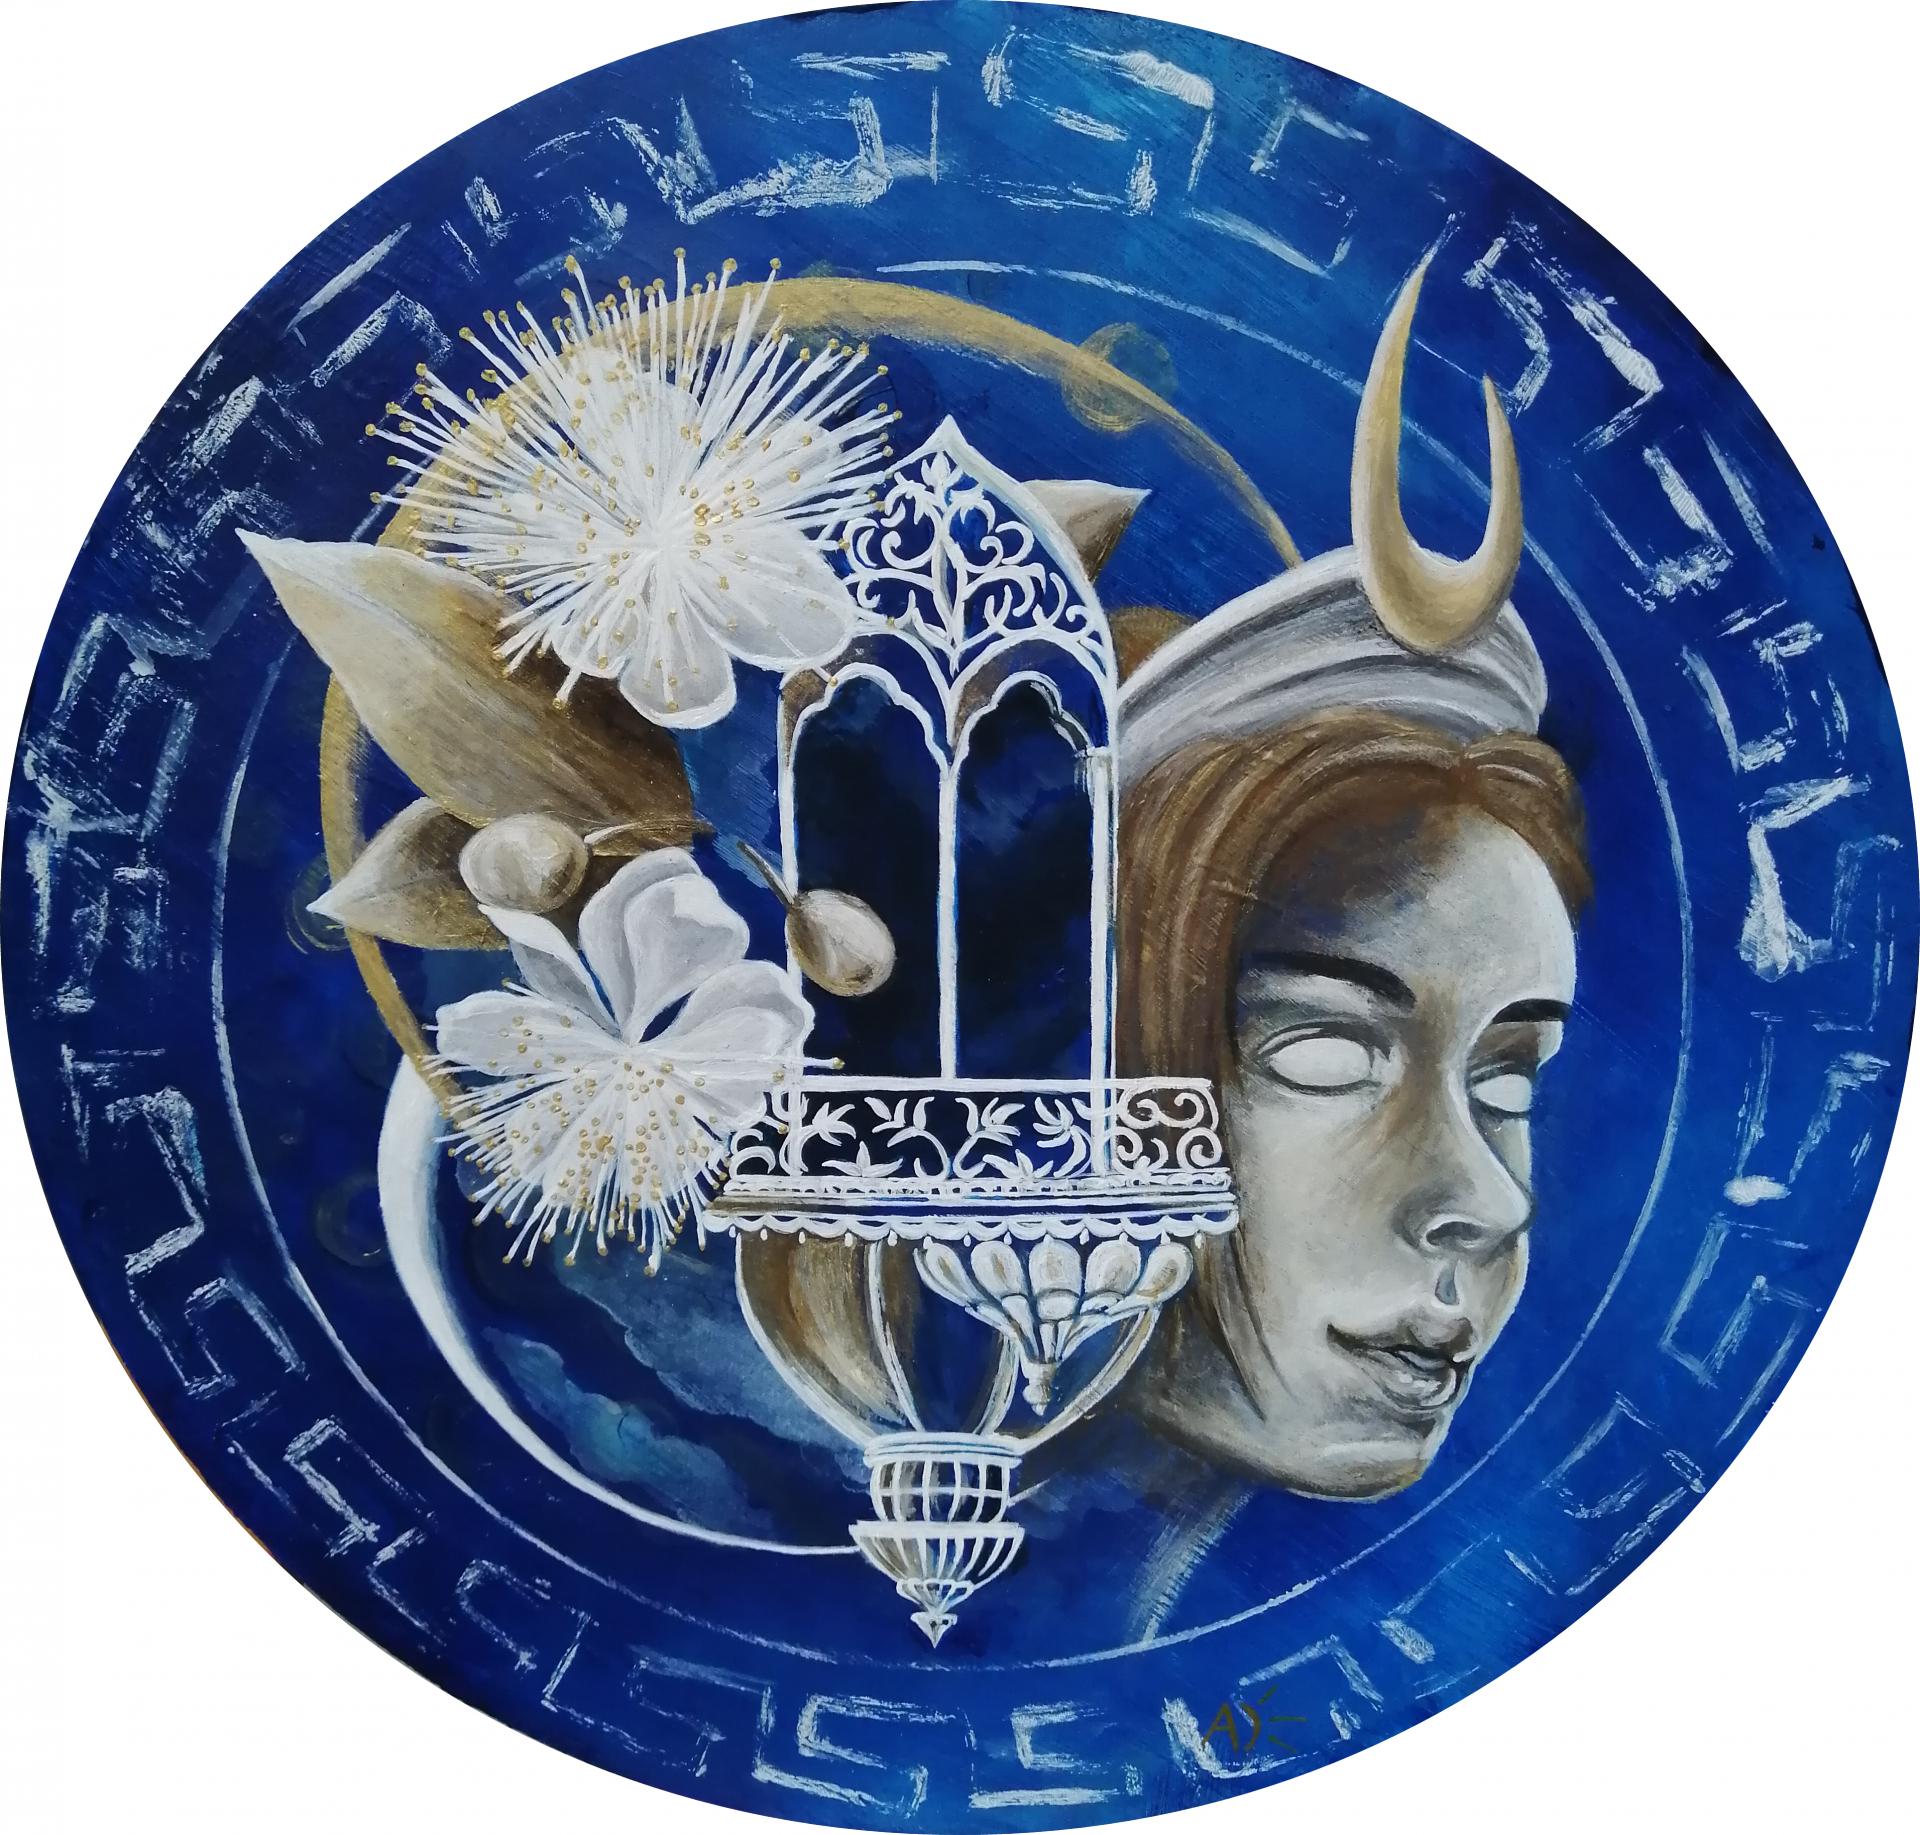 'Diane', 2020, inspiré d'une œuvre de l'artiste marine Loup, j'ai repris la structure d'ensemble et j'ai changé le style, les couleurs. Il y a beaucoup d'attributs de Diane, la fleur de myrte, le croissant de lune, la lune et son temple.